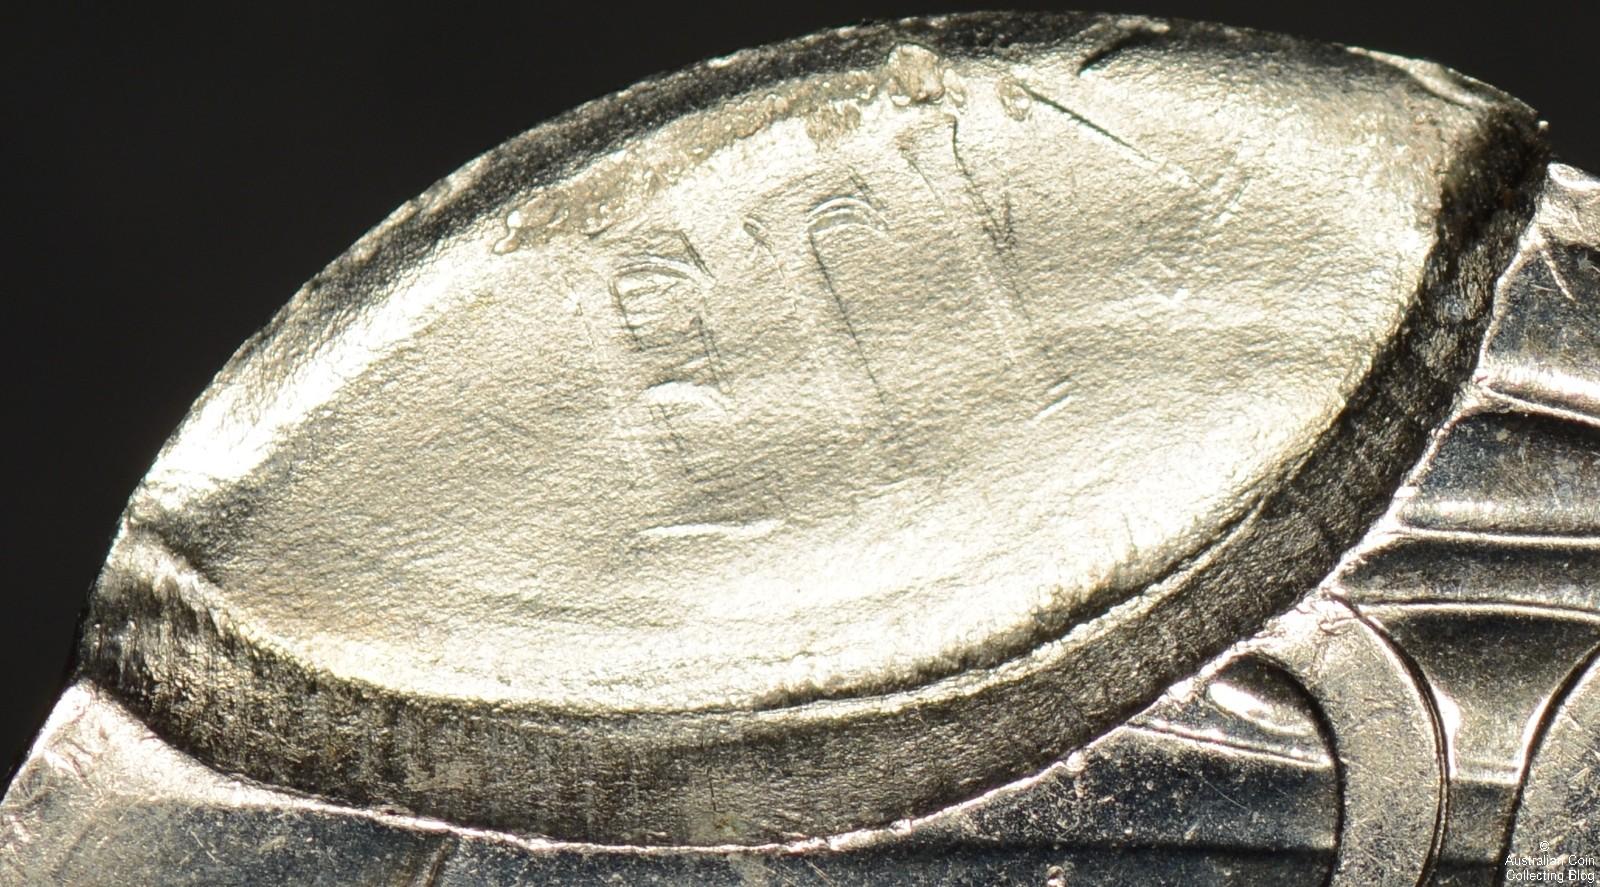 Australia 1981 20 Cent PCGS MS64 Double Struck Partial